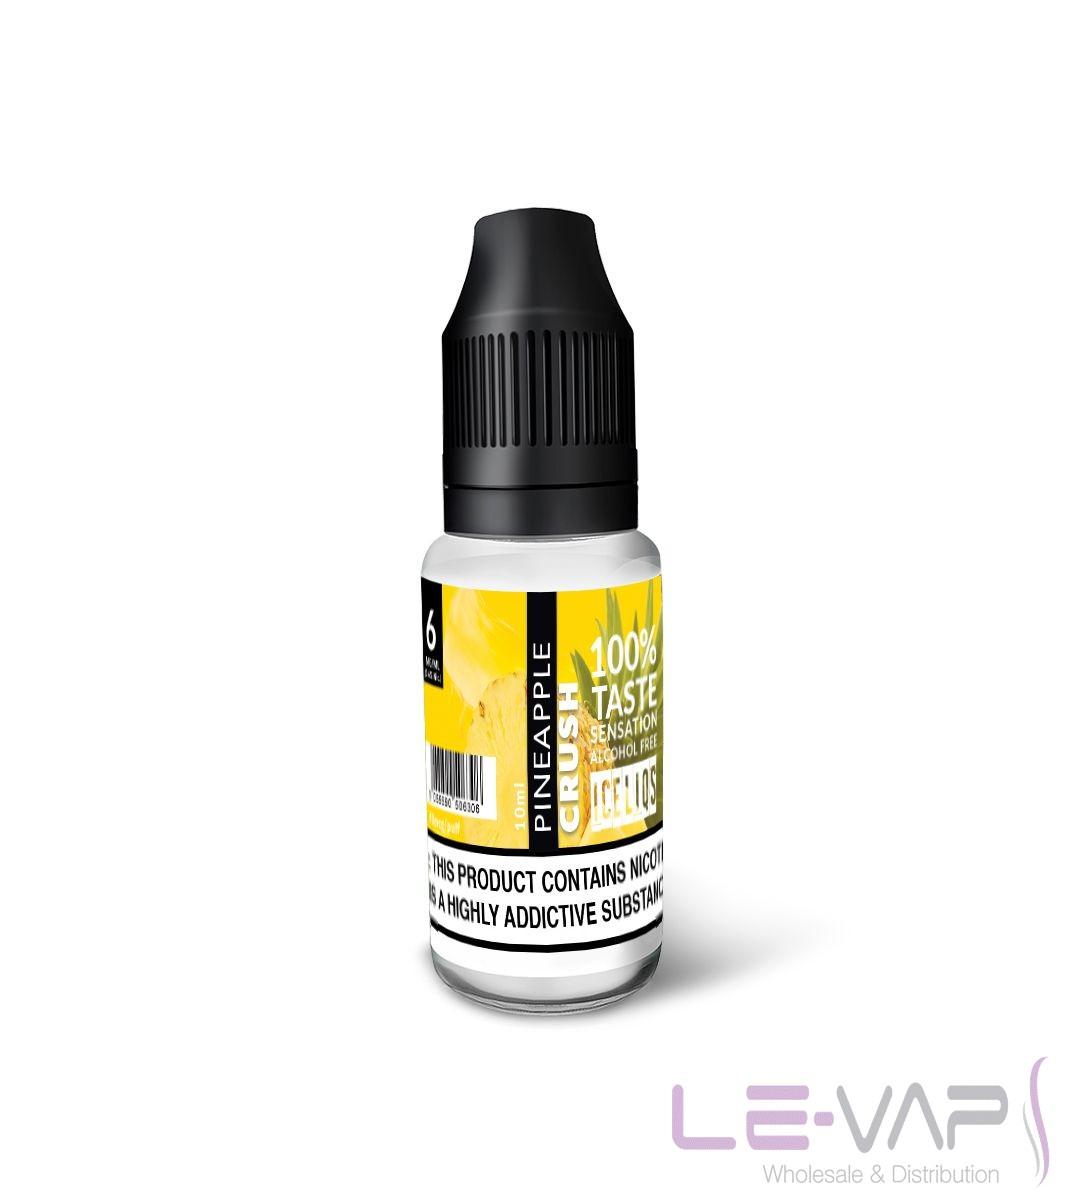 pineapple-crush-e-liquid-10ml-bottle